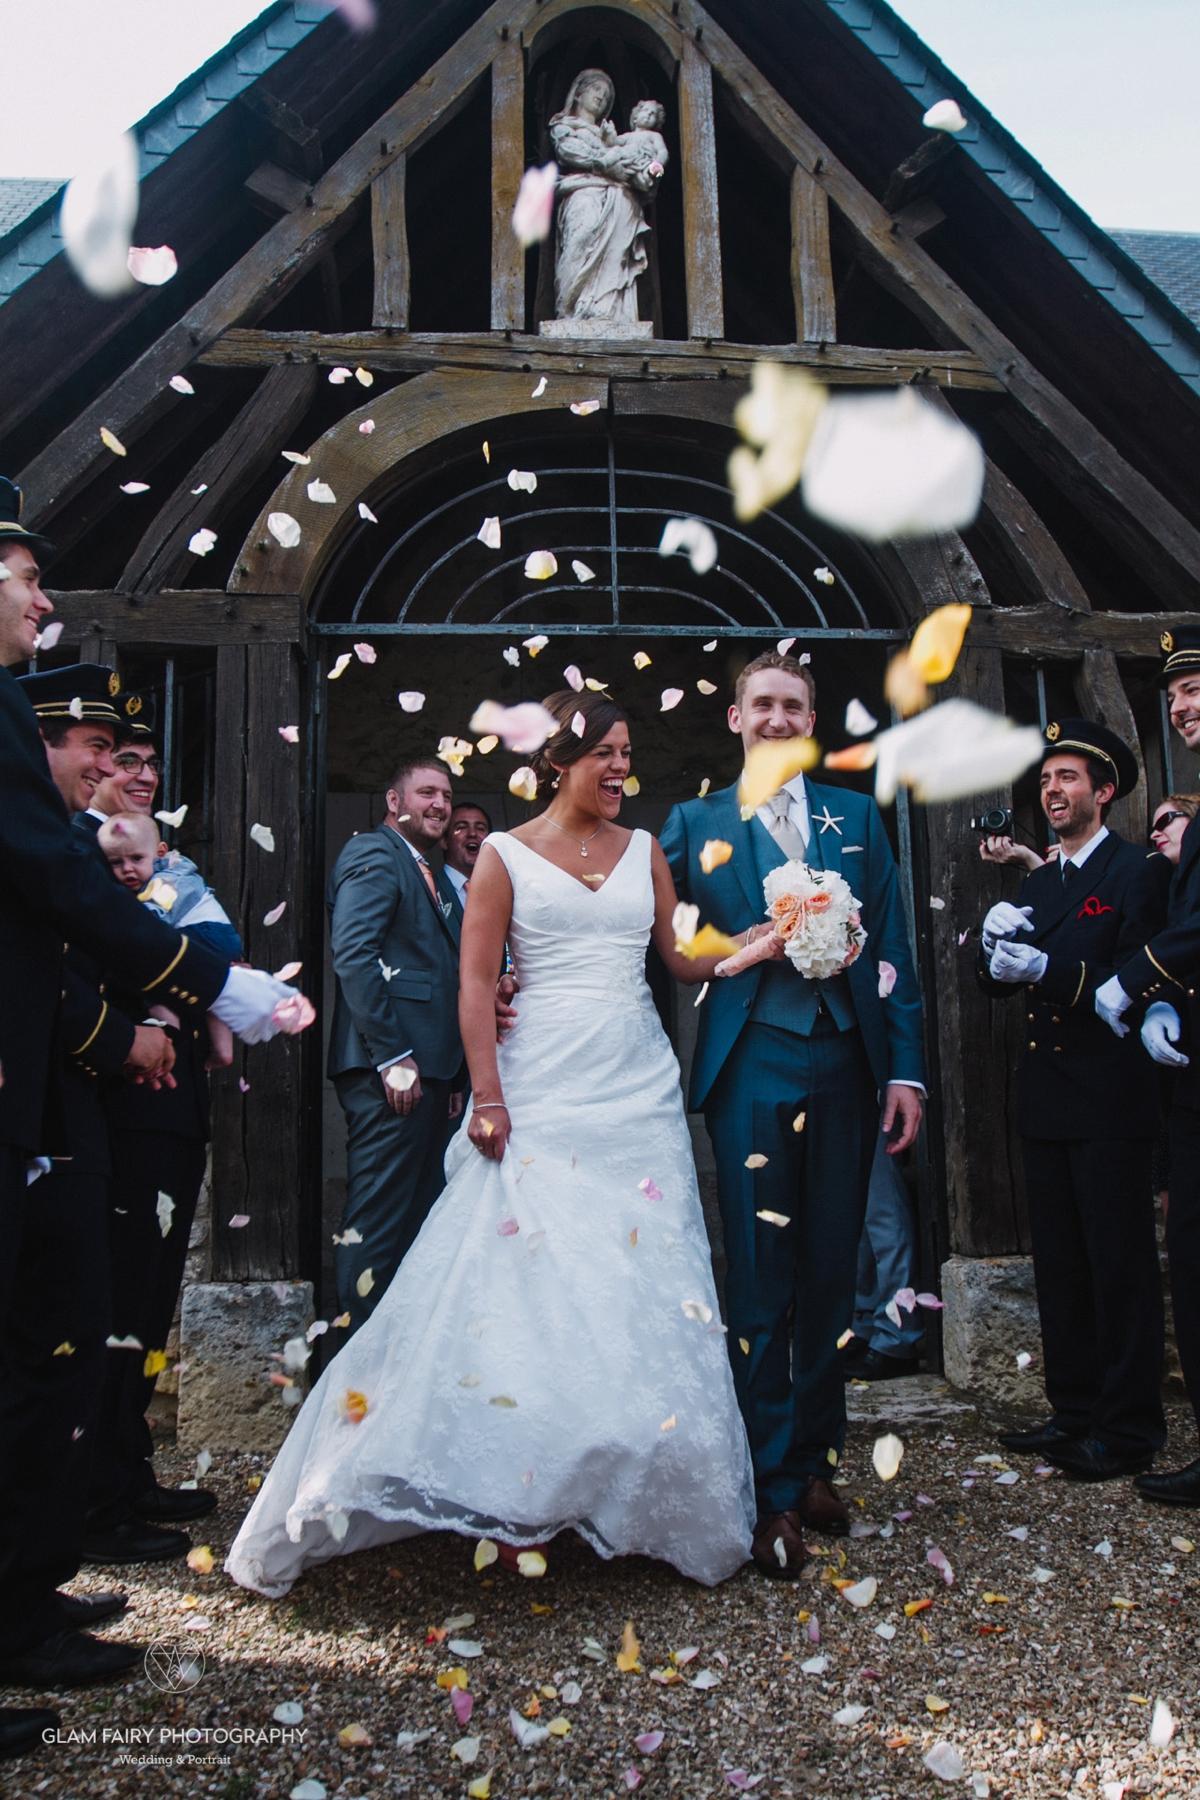 glamfairyphotography-mariage-manoir-de-portejoie-anais_0053